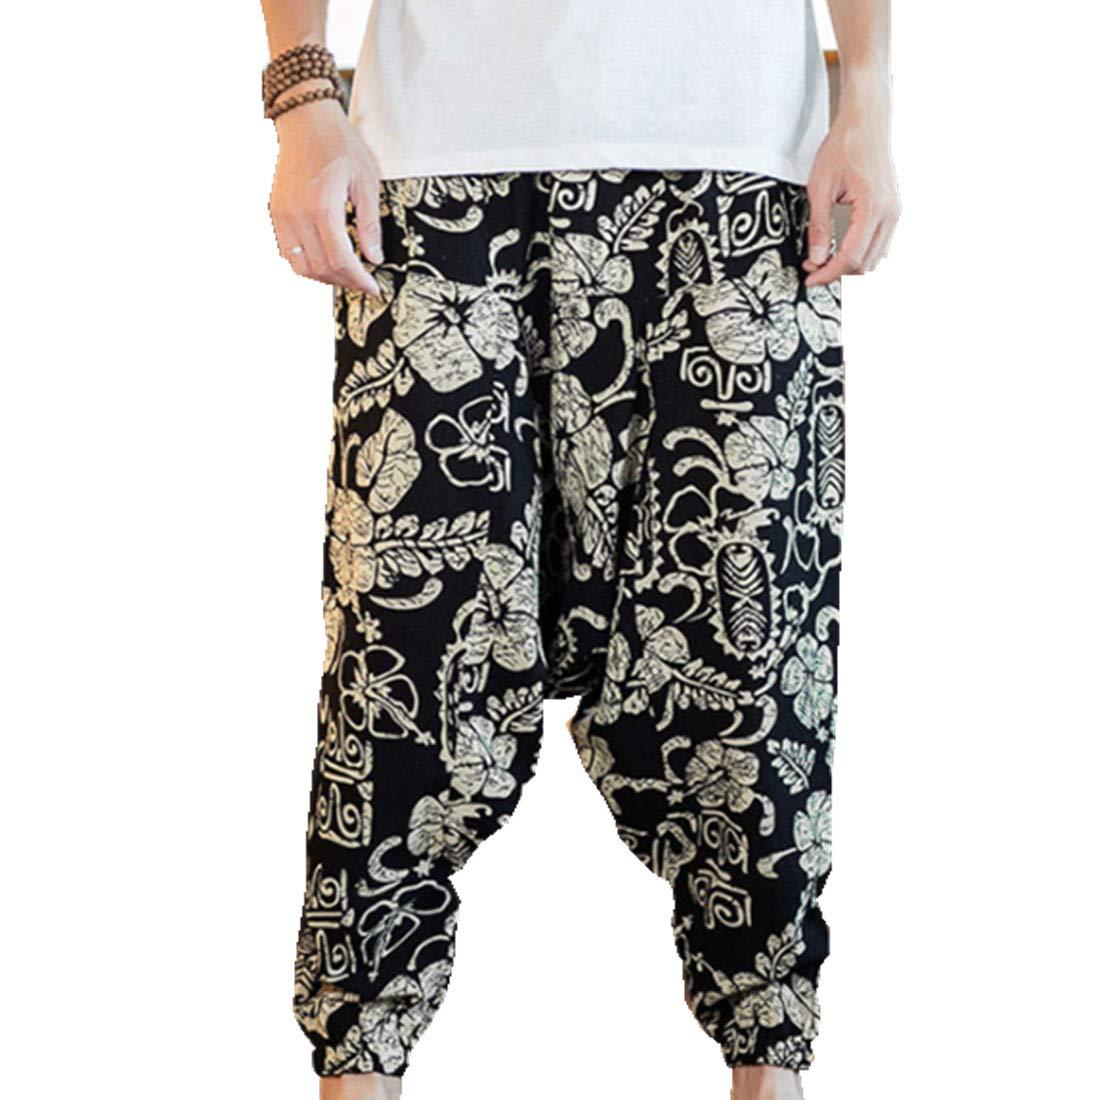 Hzcx Fashion Men's Vintage Cotton Blends Linen Drop Crotch Jogging Harem Pants DSC229-DK69-60-MG-US M TAG XL